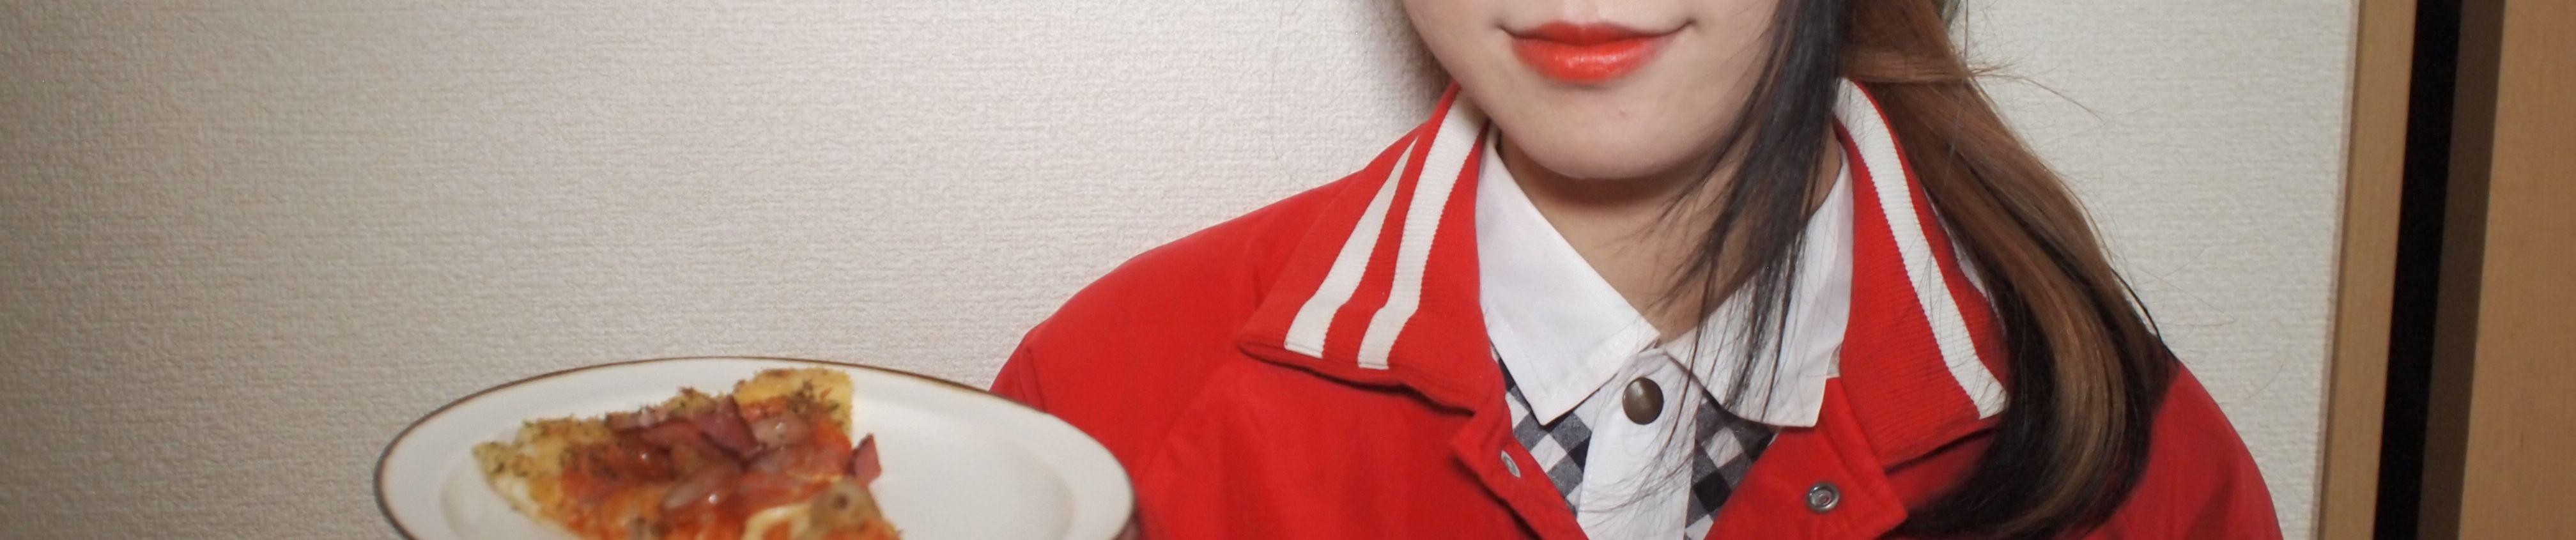 Yumegiwa Last Boy Supercar Cover By Nayutanayuta Free Listening